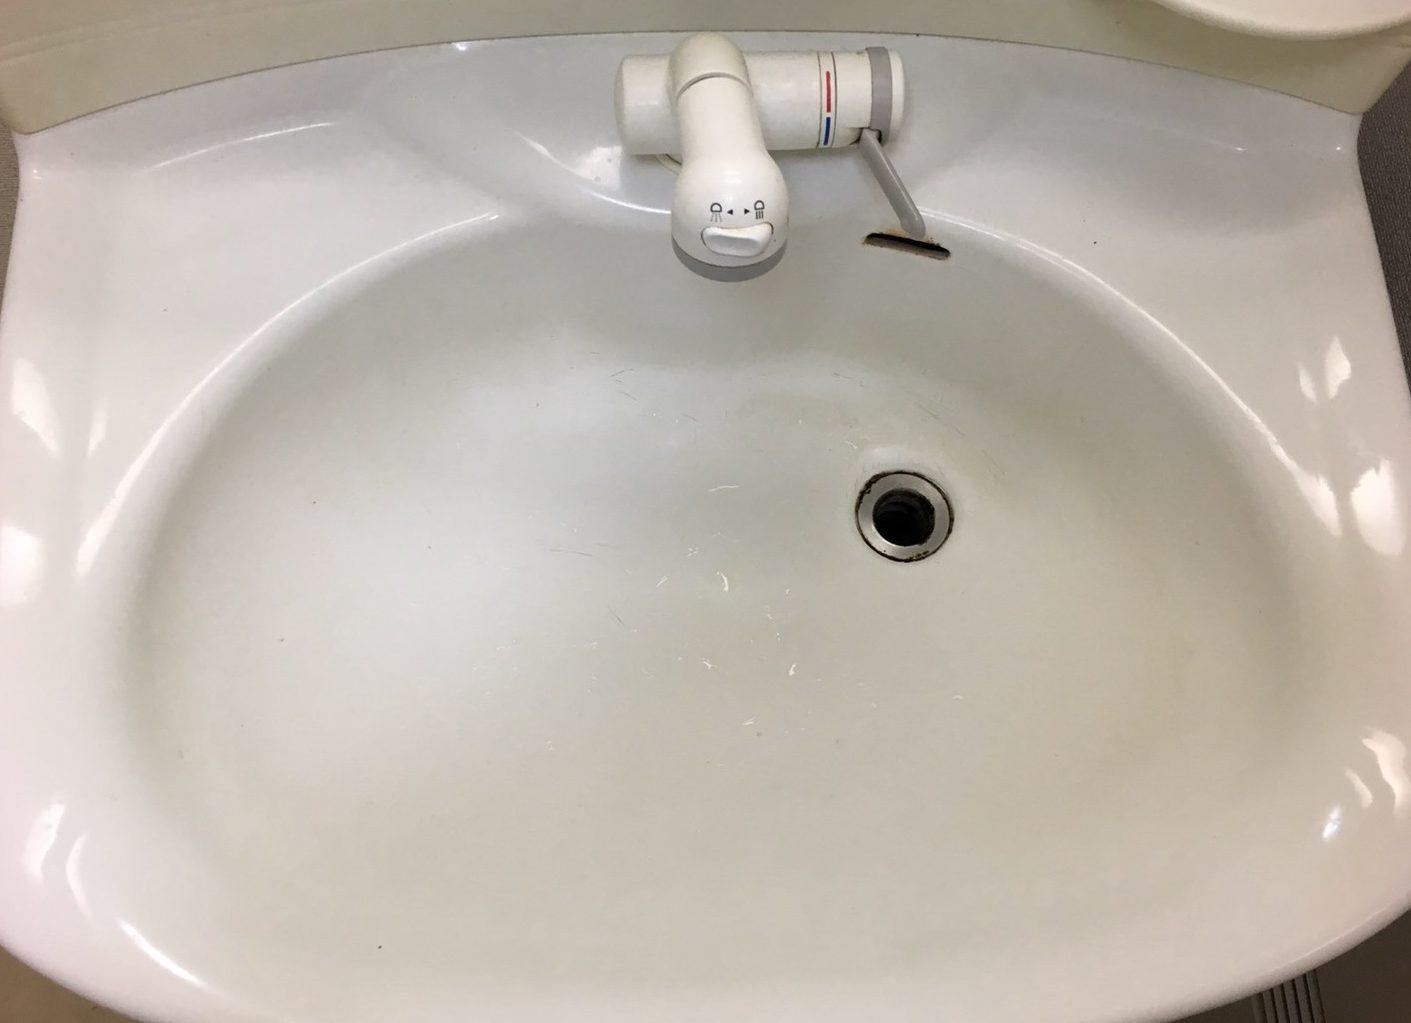 伊丹 洗面台クリーニング♪毎日のお掃除おそうじプラスでは、お見積はもちろん出張料も無料で対応~お客様の笑顔!が一番のやりがいにつながり作業を全力でさせて頂きます!